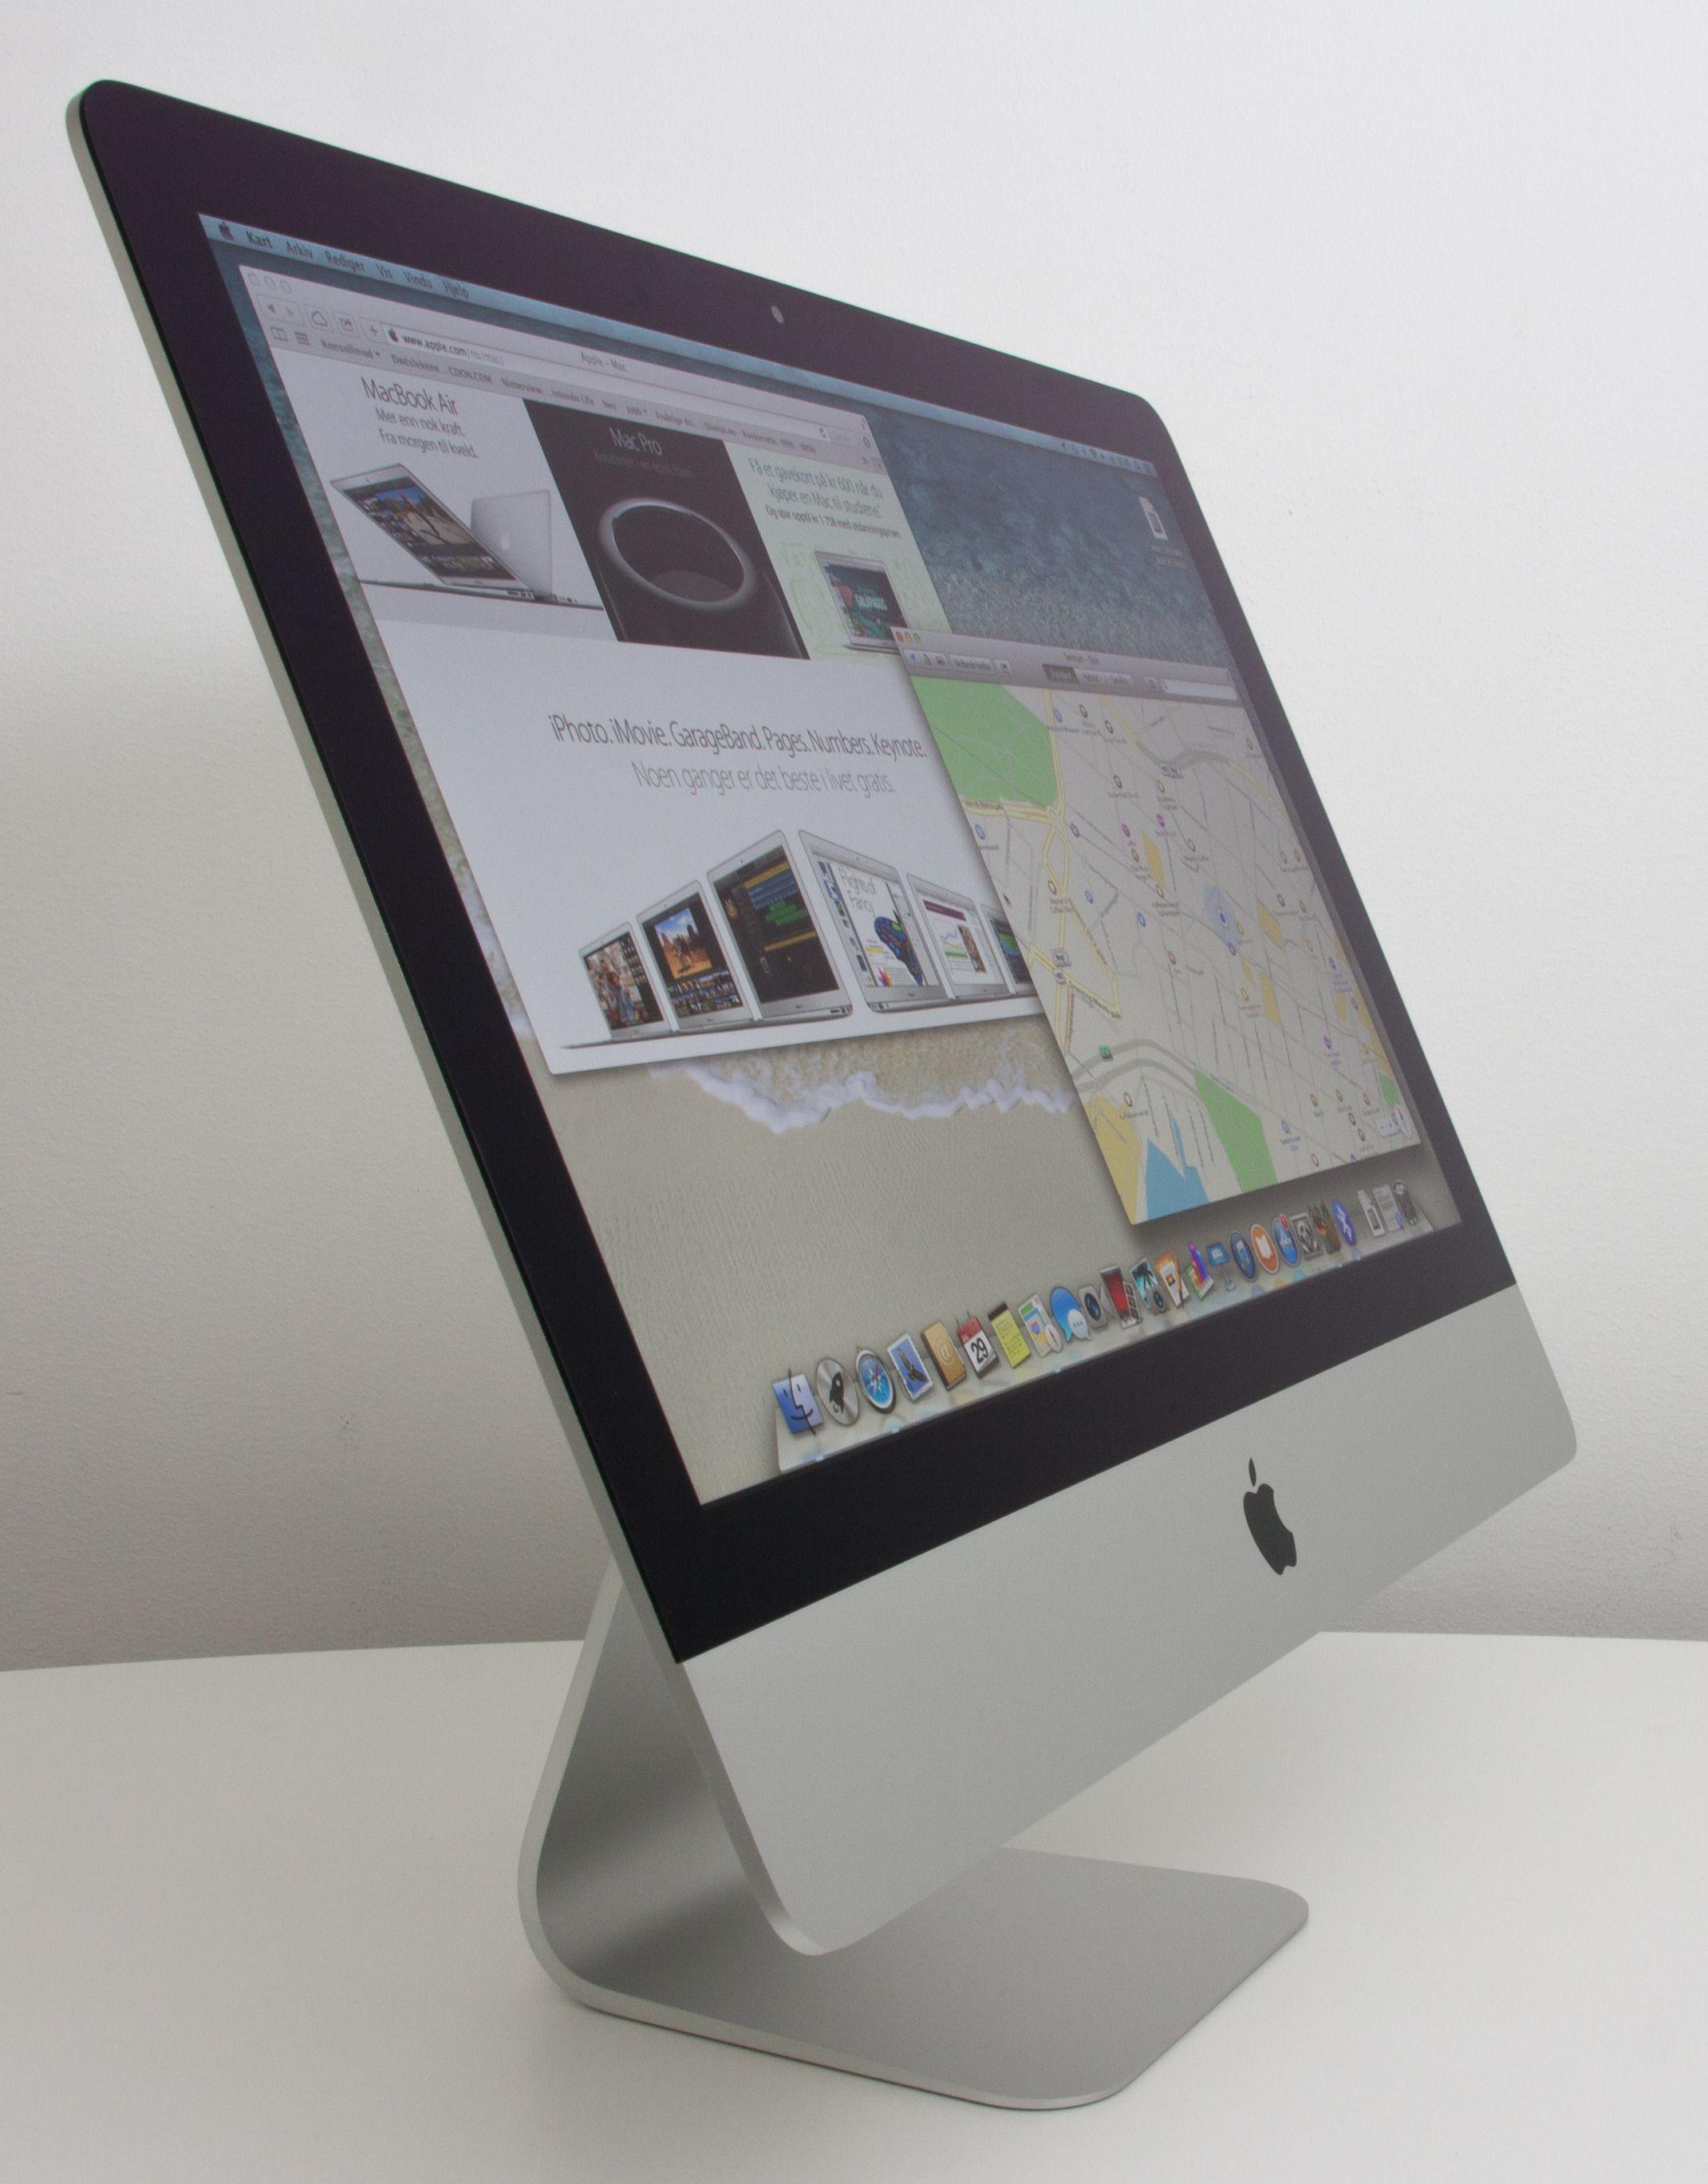 iMac ser enda tynnere ut enn den er.Foto: Anders Brattensborg Smedsrud, Hardware.no